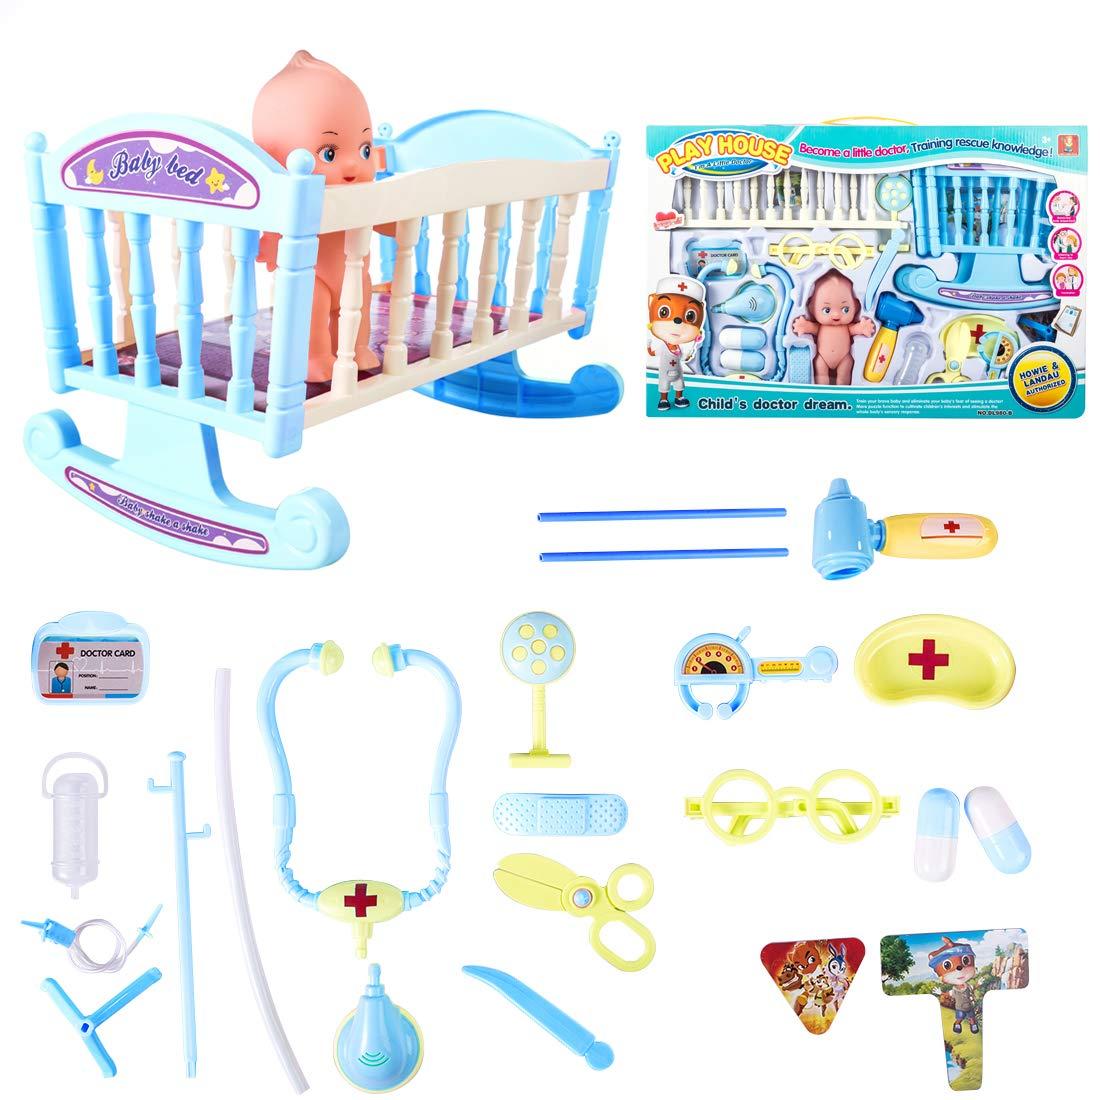 Foxom Arztkoffer Kinder, 12 Stück Kinder Arztkoffer Doktorkoffer Spielzeug Doktor Spielset Rollenspiel Lernspielzeug für Mädche und Junge ab 3 Jahre